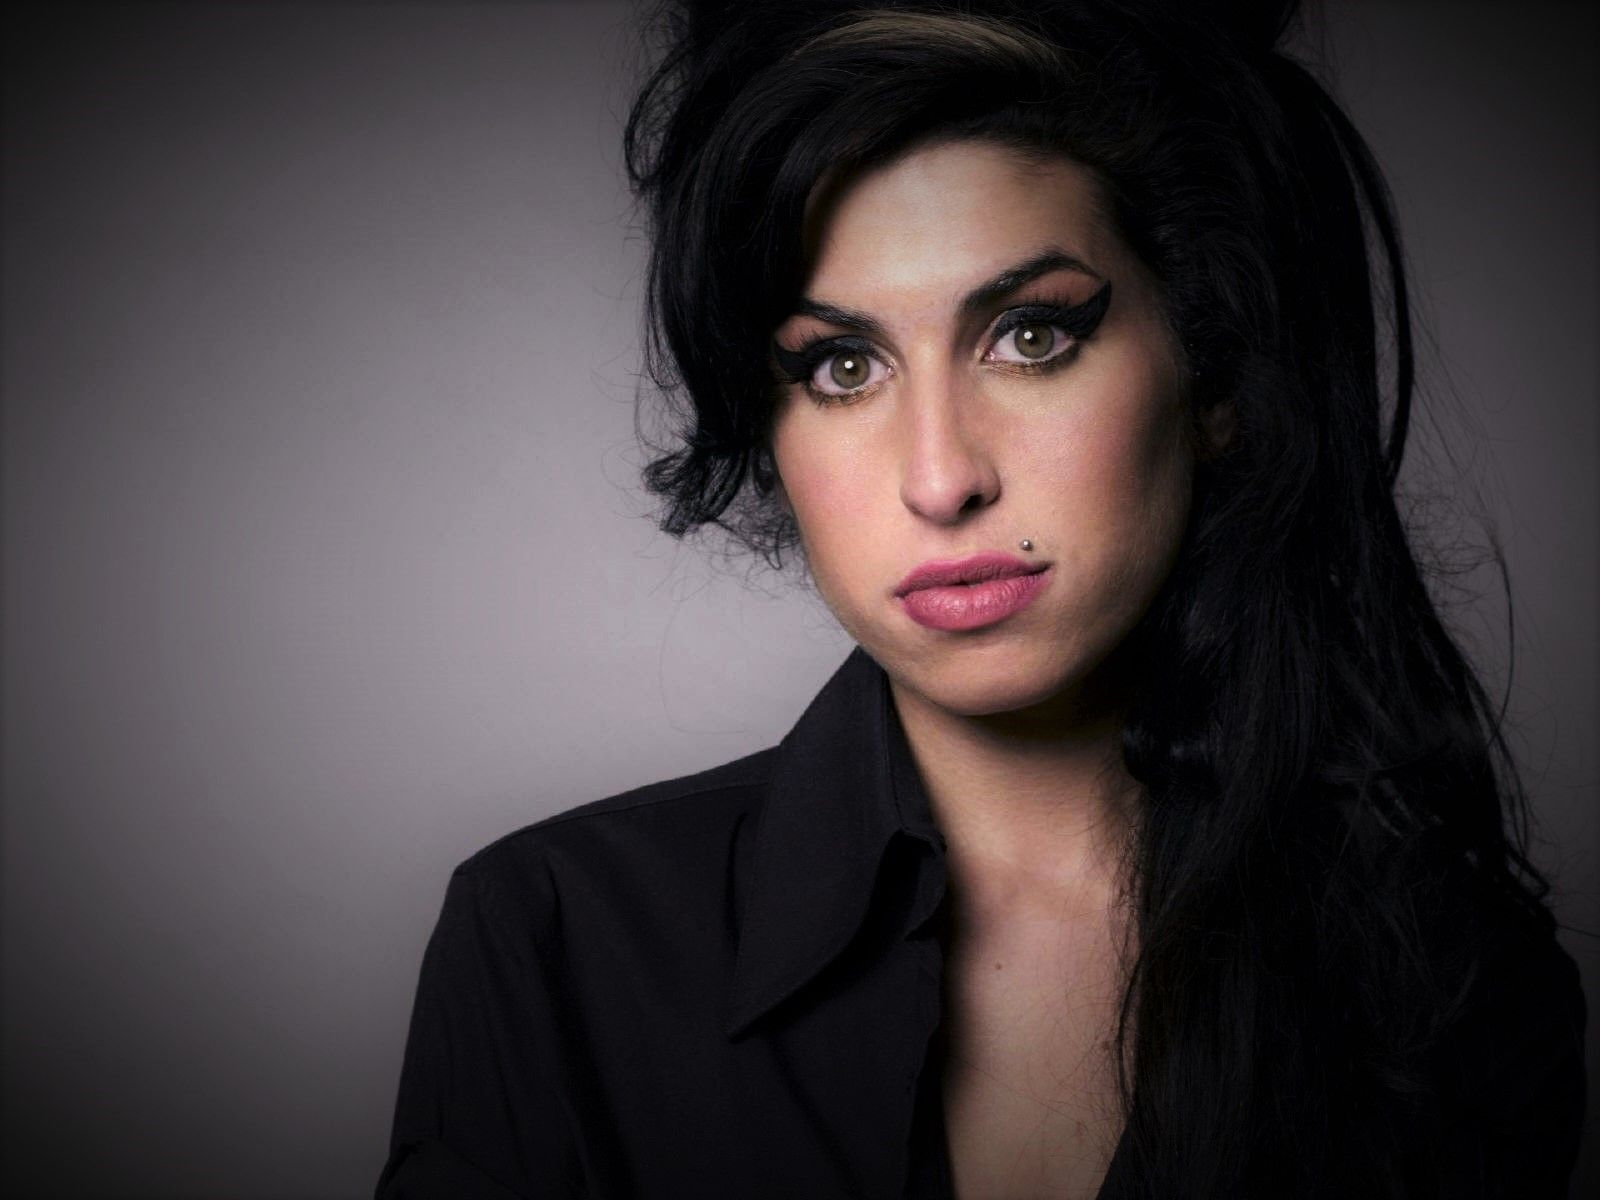 Wie Man Amy Winehouse Frisur Bekommt Amy Winehouse Amy Coole Frisuren